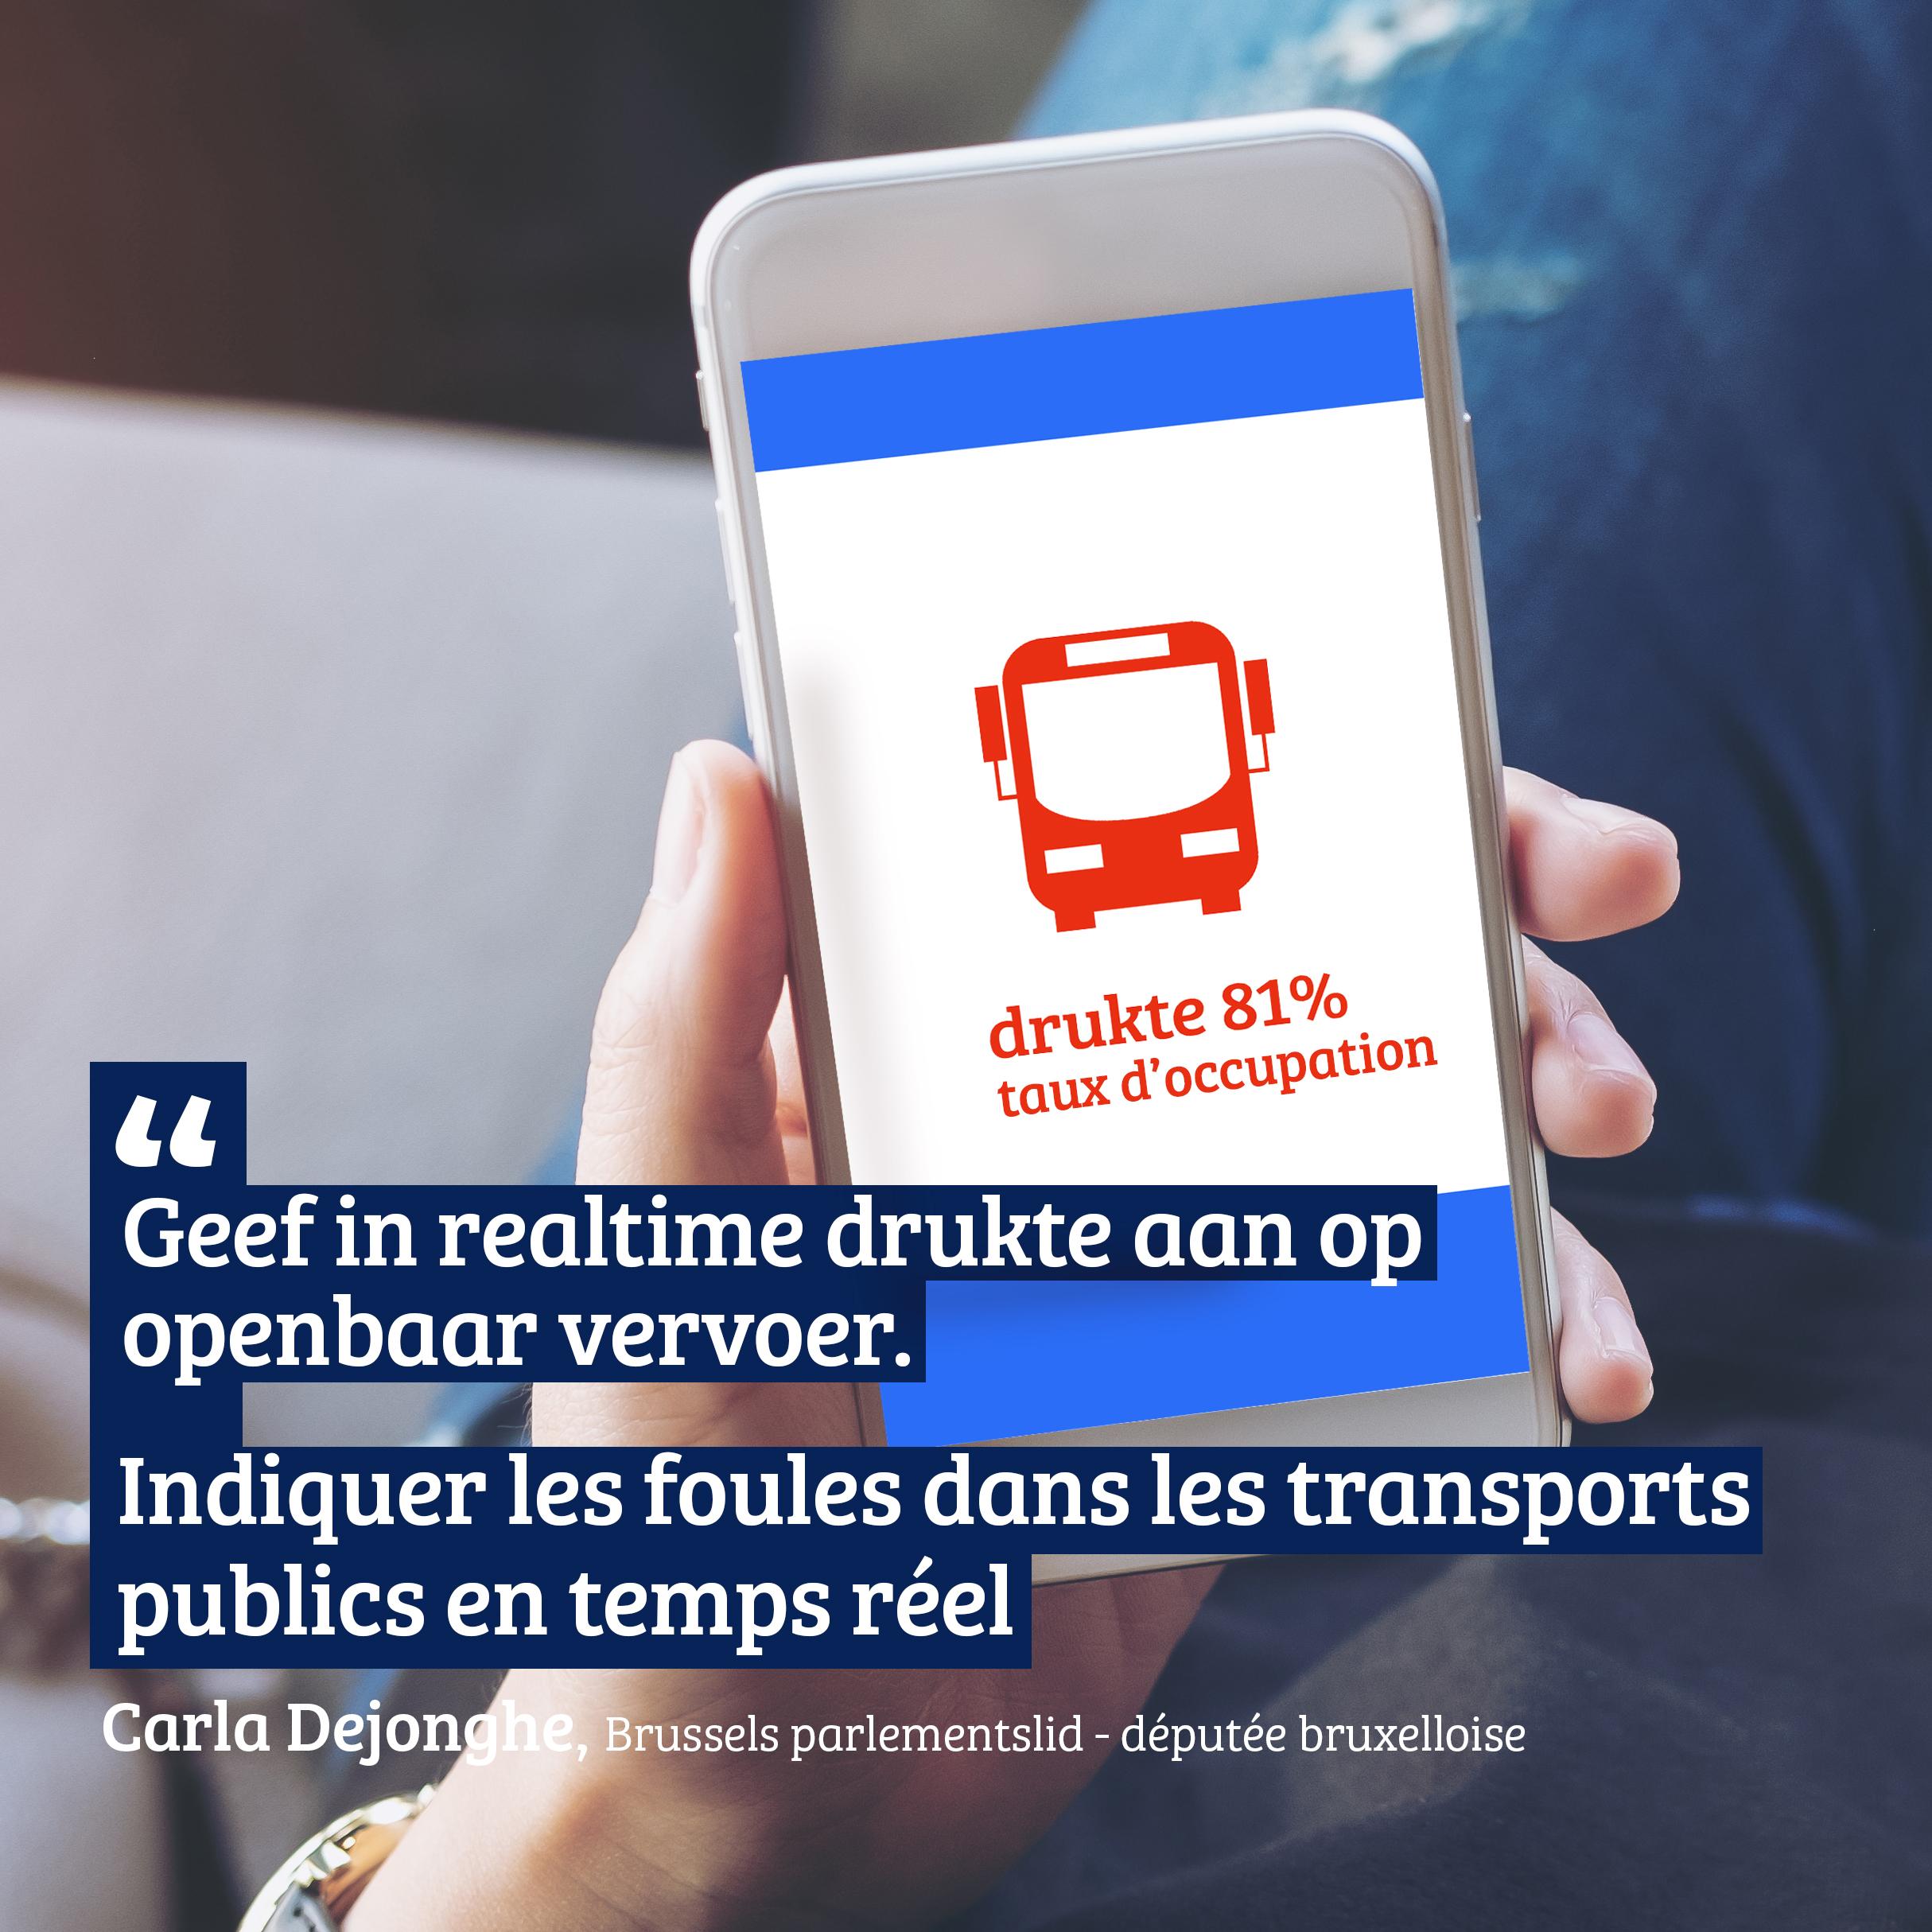 Carla Dejonghe: ''Indiquer les foules dans les transports publics en temps réel''